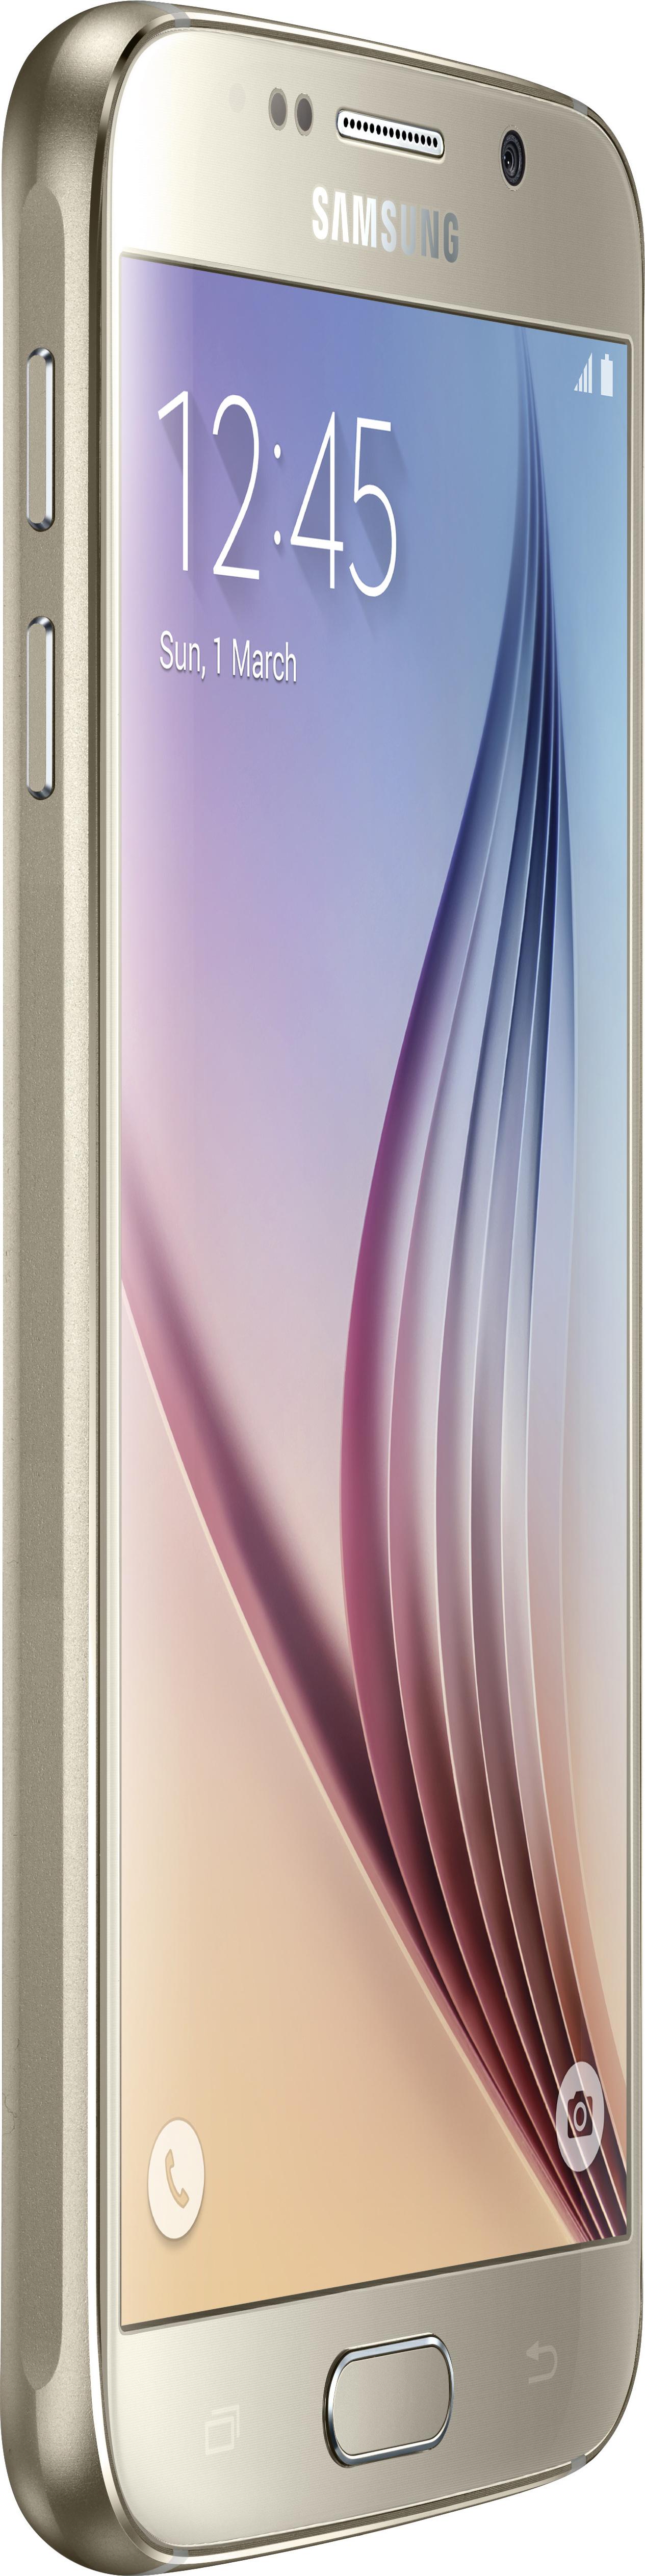 samsung galaxy s6 la nouvelle r f rence fiche technique prix et date de sortie. Black Bedroom Furniture Sets. Home Design Ideas